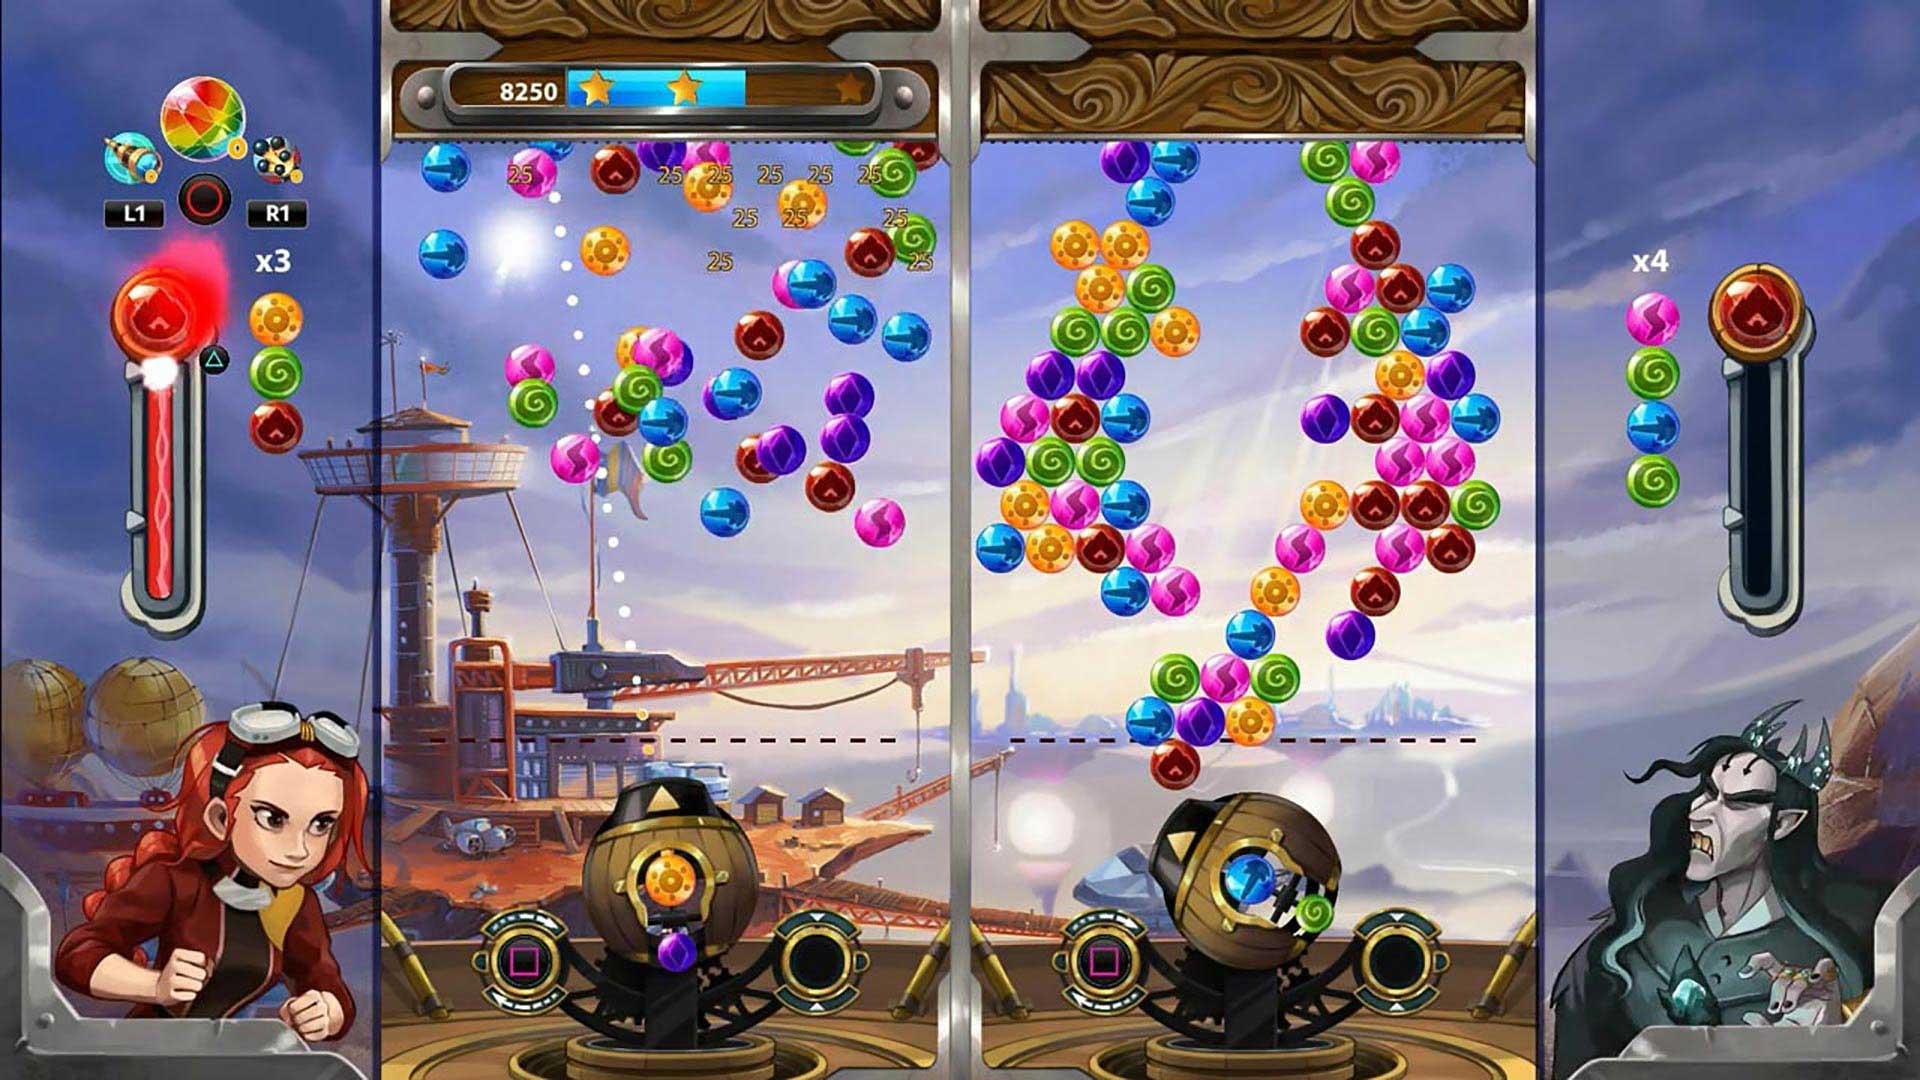 giochi bubble bobble gratis da